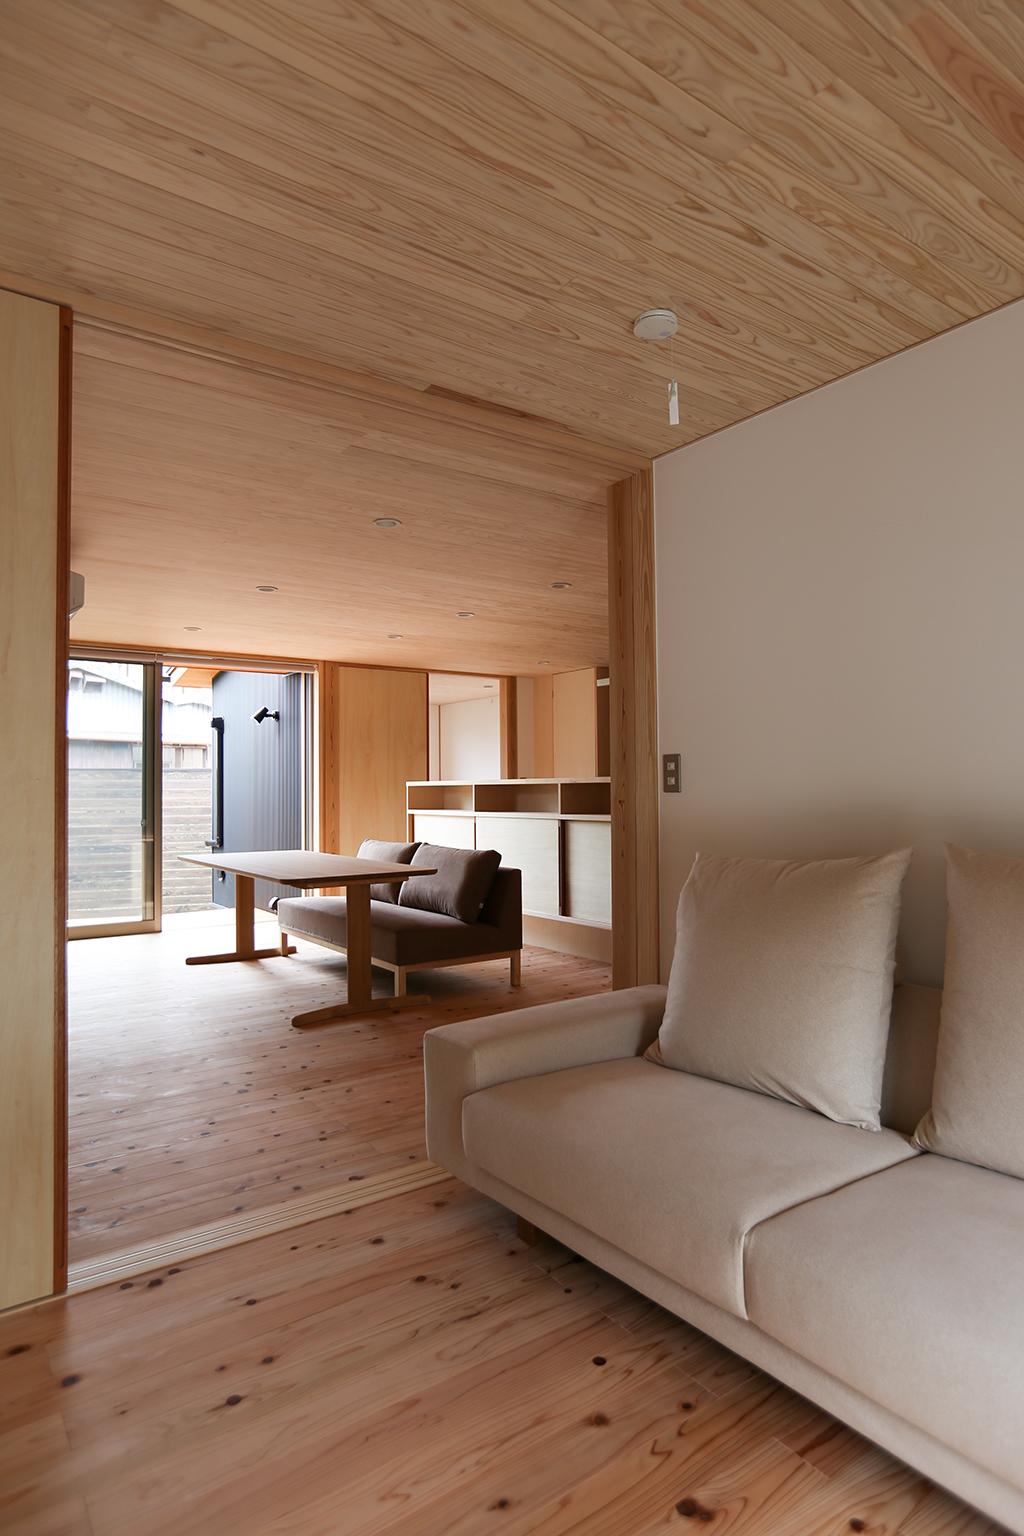 姫路市の木の家 プライベートリビングからダイニングを見る